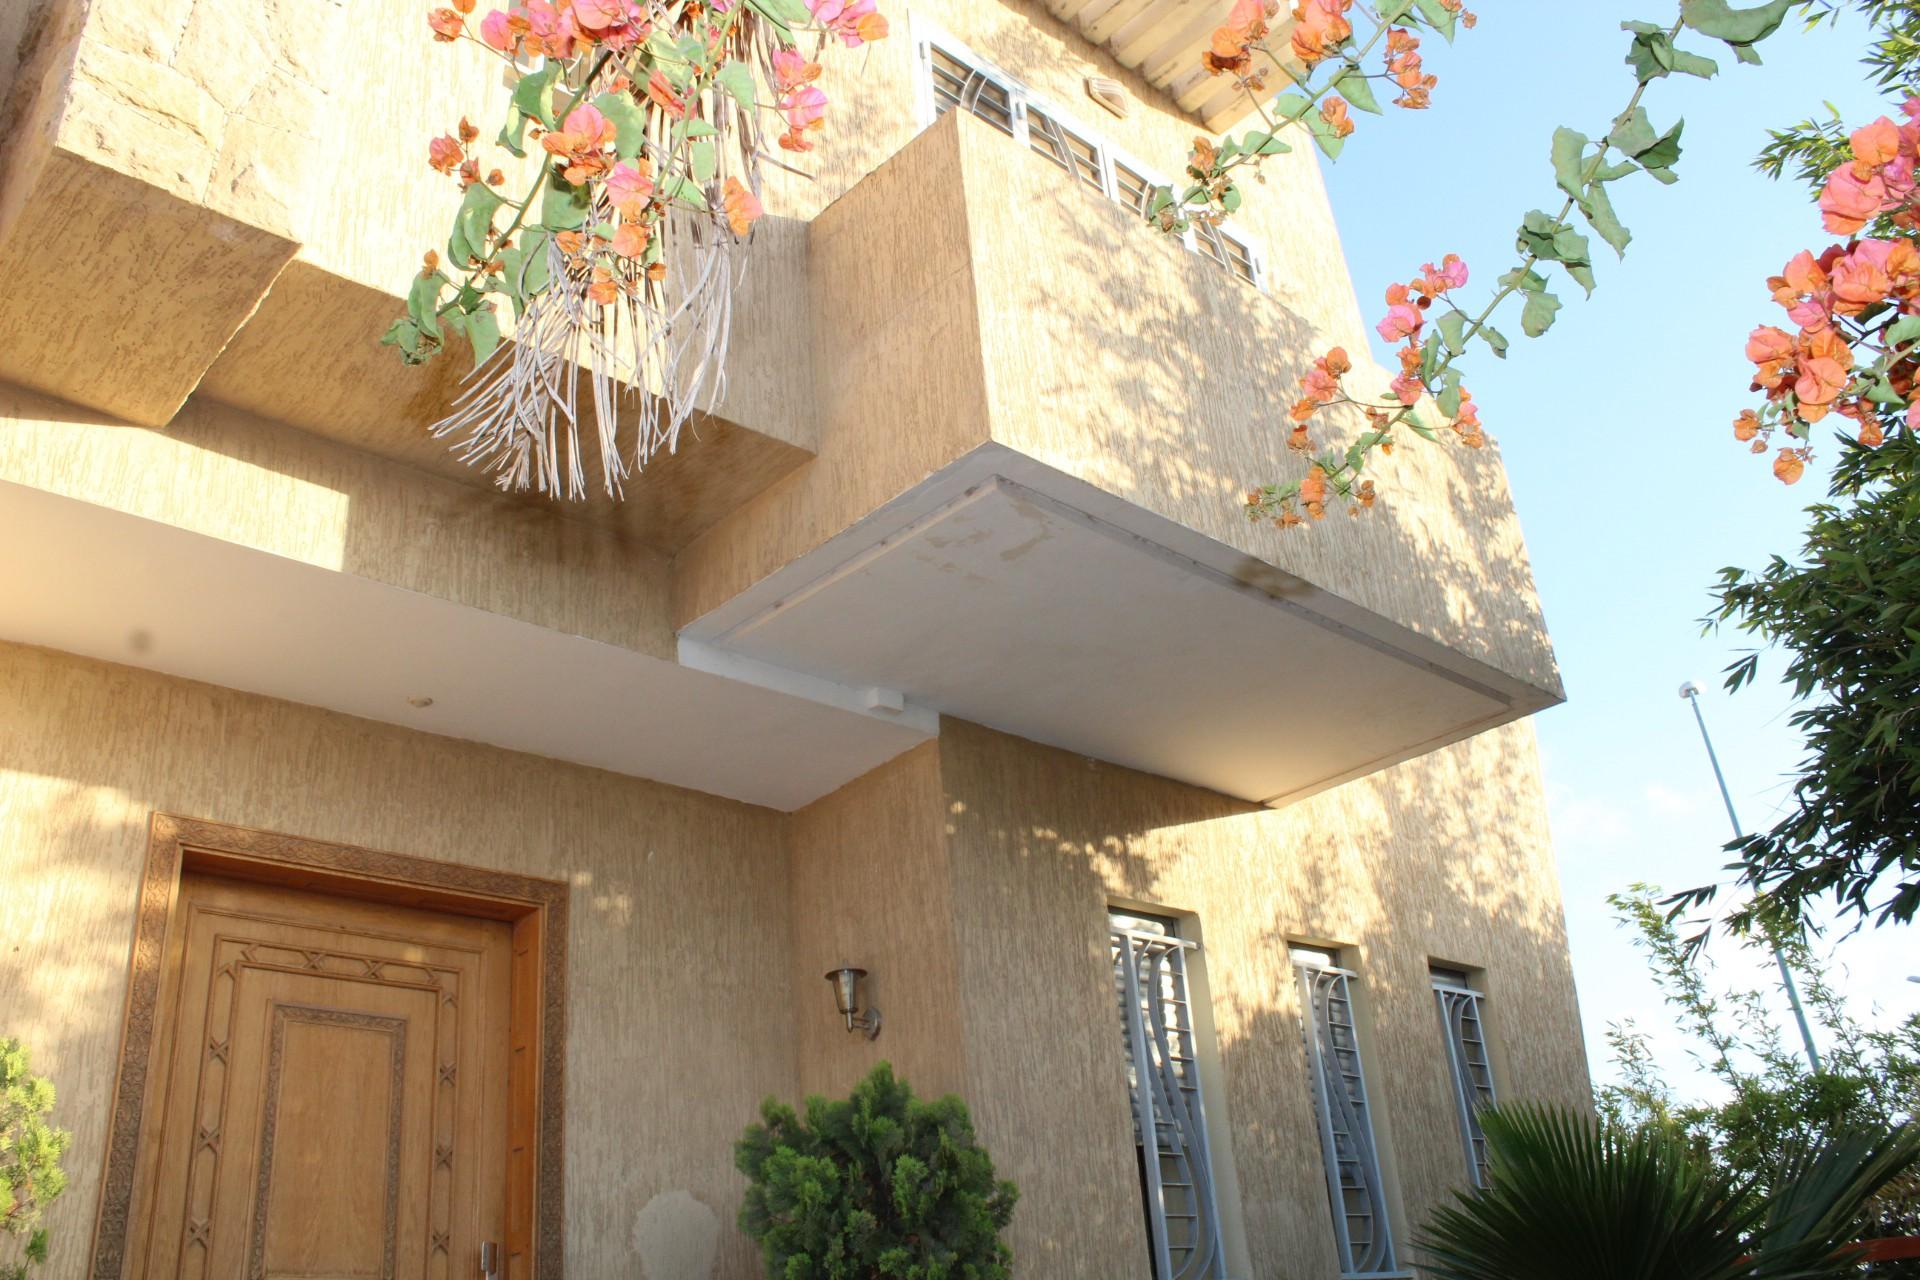 Maroc, Bouscoura, à acheter maison individuelle d'angle très bien exposée avec jardin paysager implantée sur un terrain de 430 M2